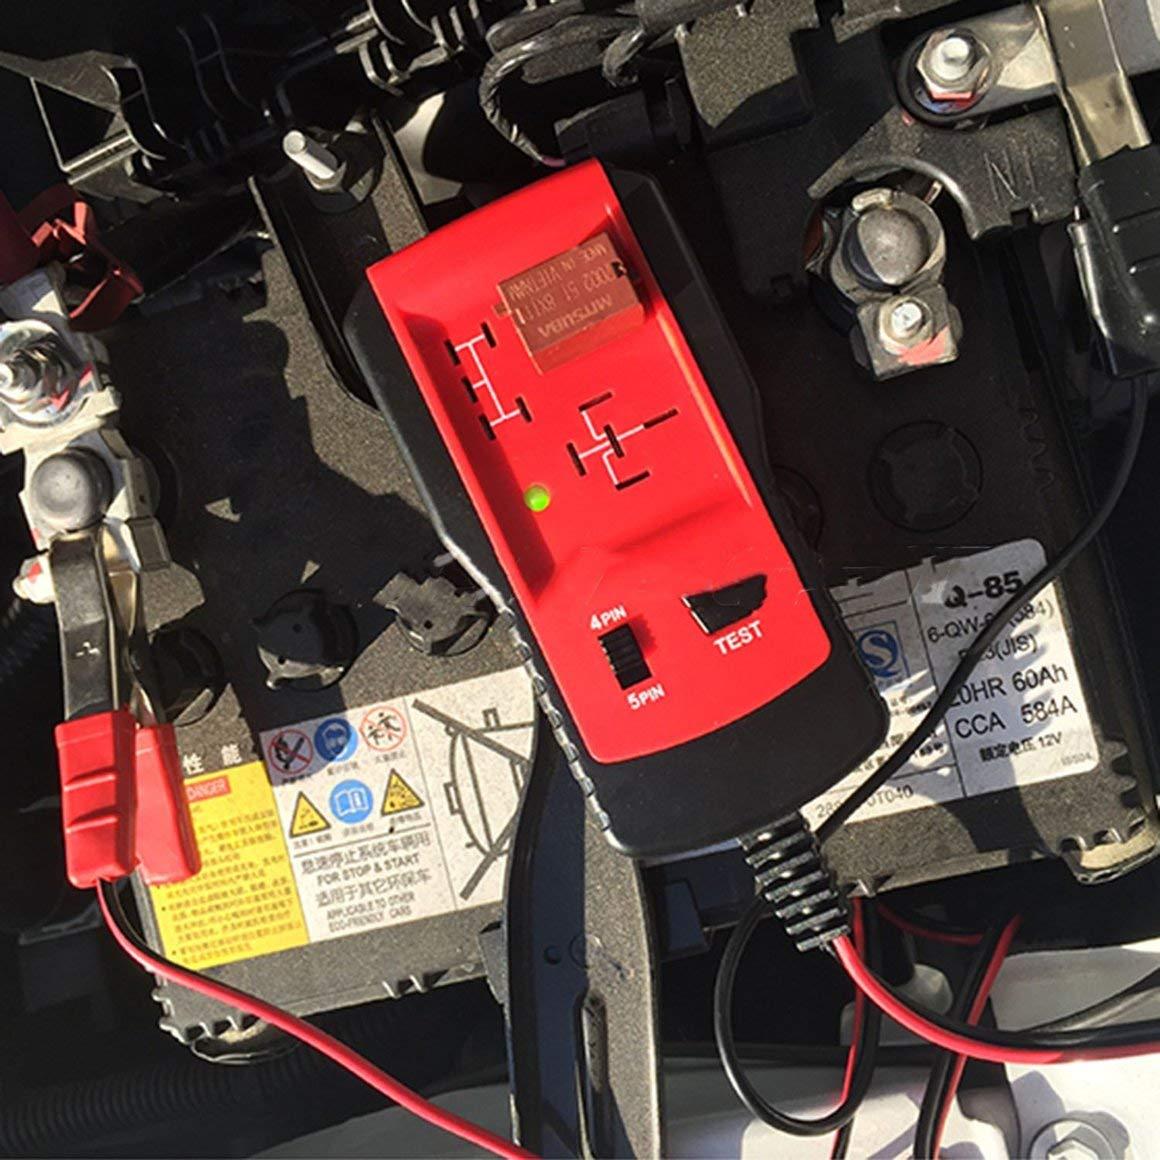 Funnyrunstore Universal 12V Cars Relay Tester Herramienta de Prueba de Rel/é Comprobador de Bater/ía Autom/ático Herramienta de Diagn/óstico Exacta Partes Automotrices Port/átiles Color: rojo y negro